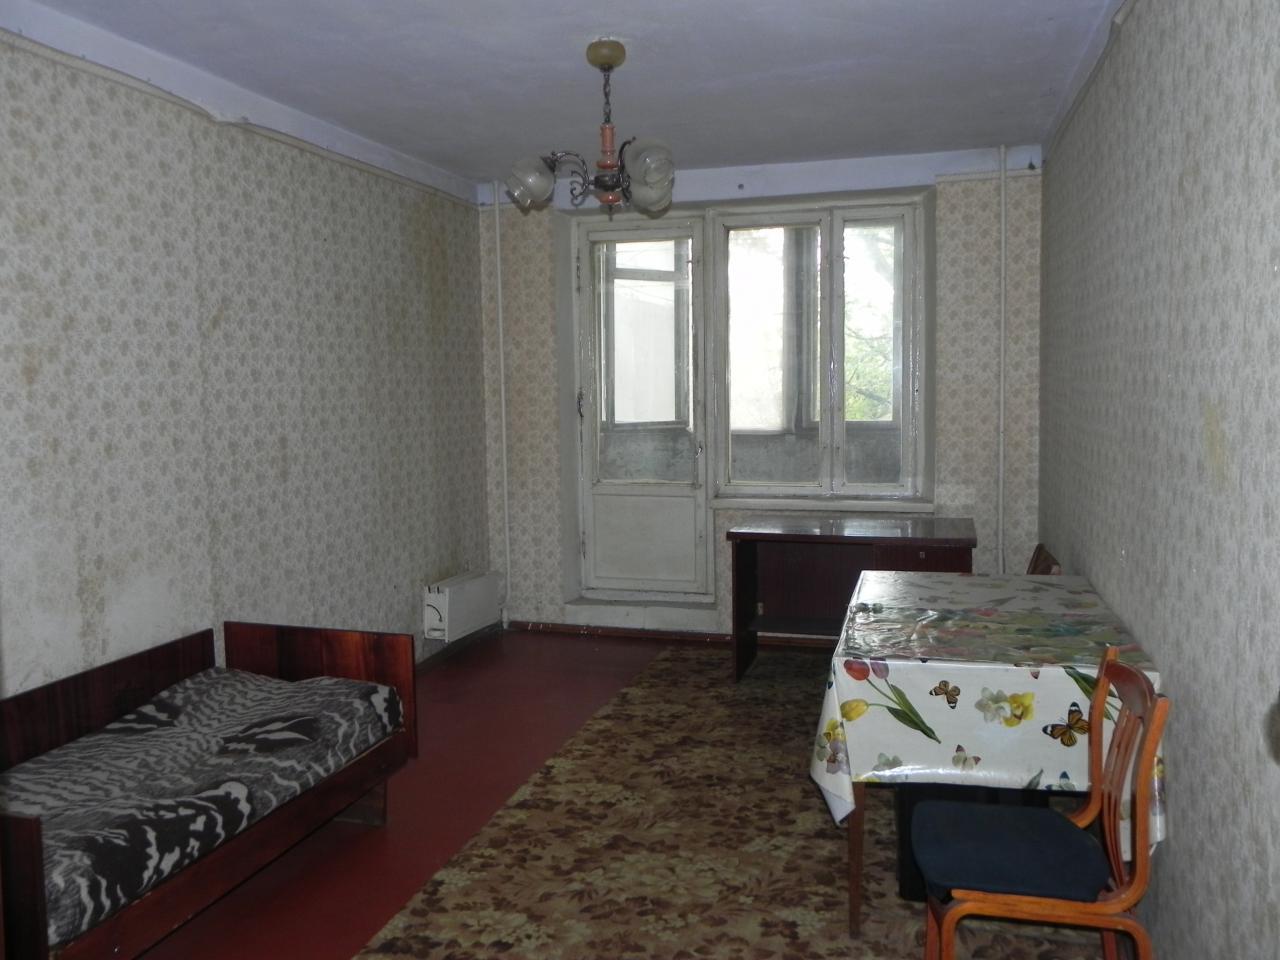 Фото 2 - Продам квартиру Харьков, Мохначанская ул.